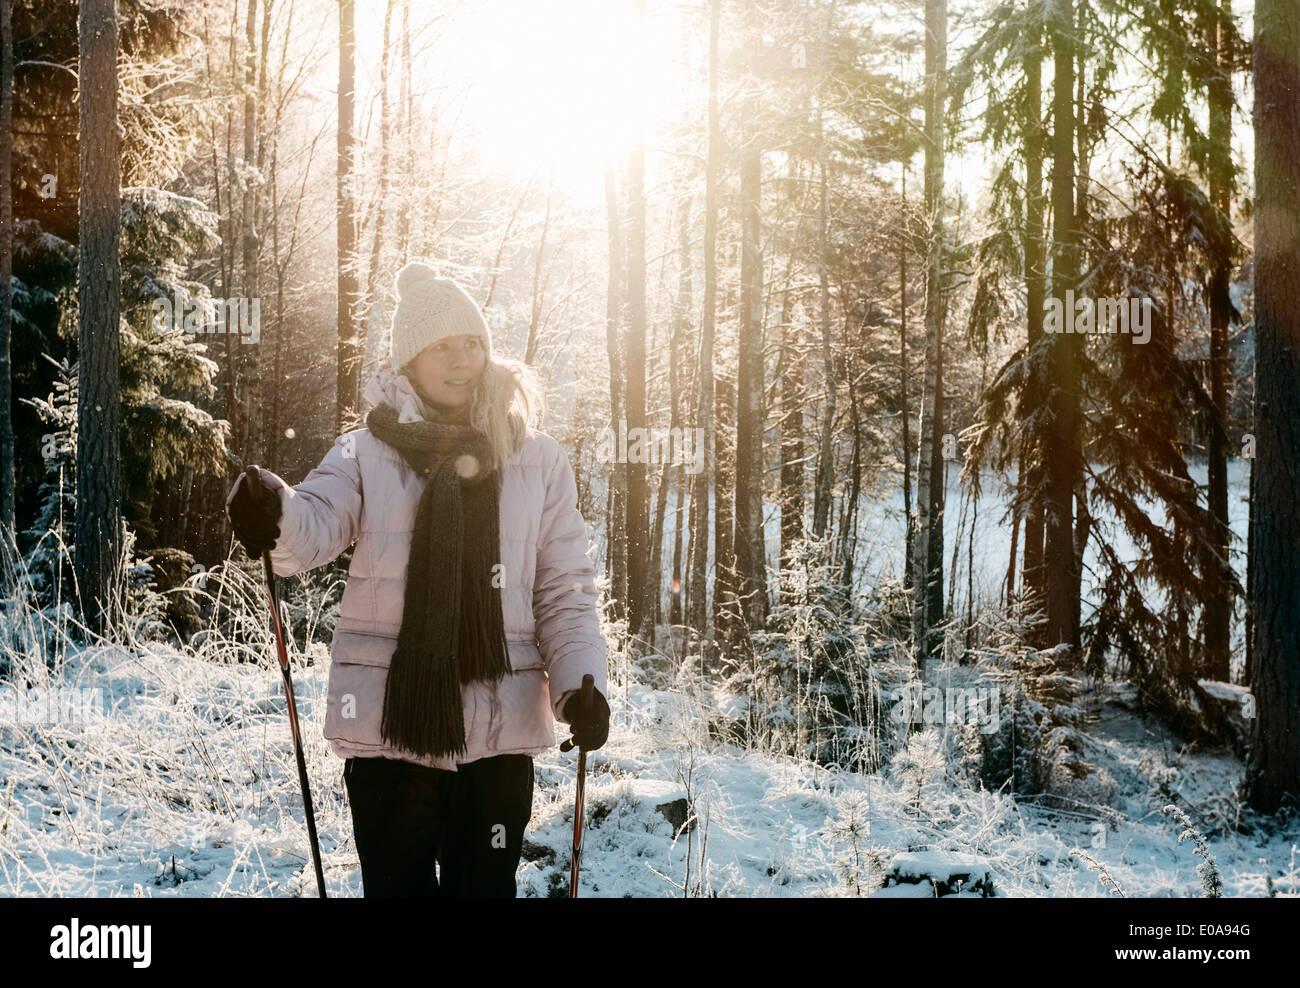 Mujer adulta media nordic walking en el bosque cubierto de nieve Imagen De Stock